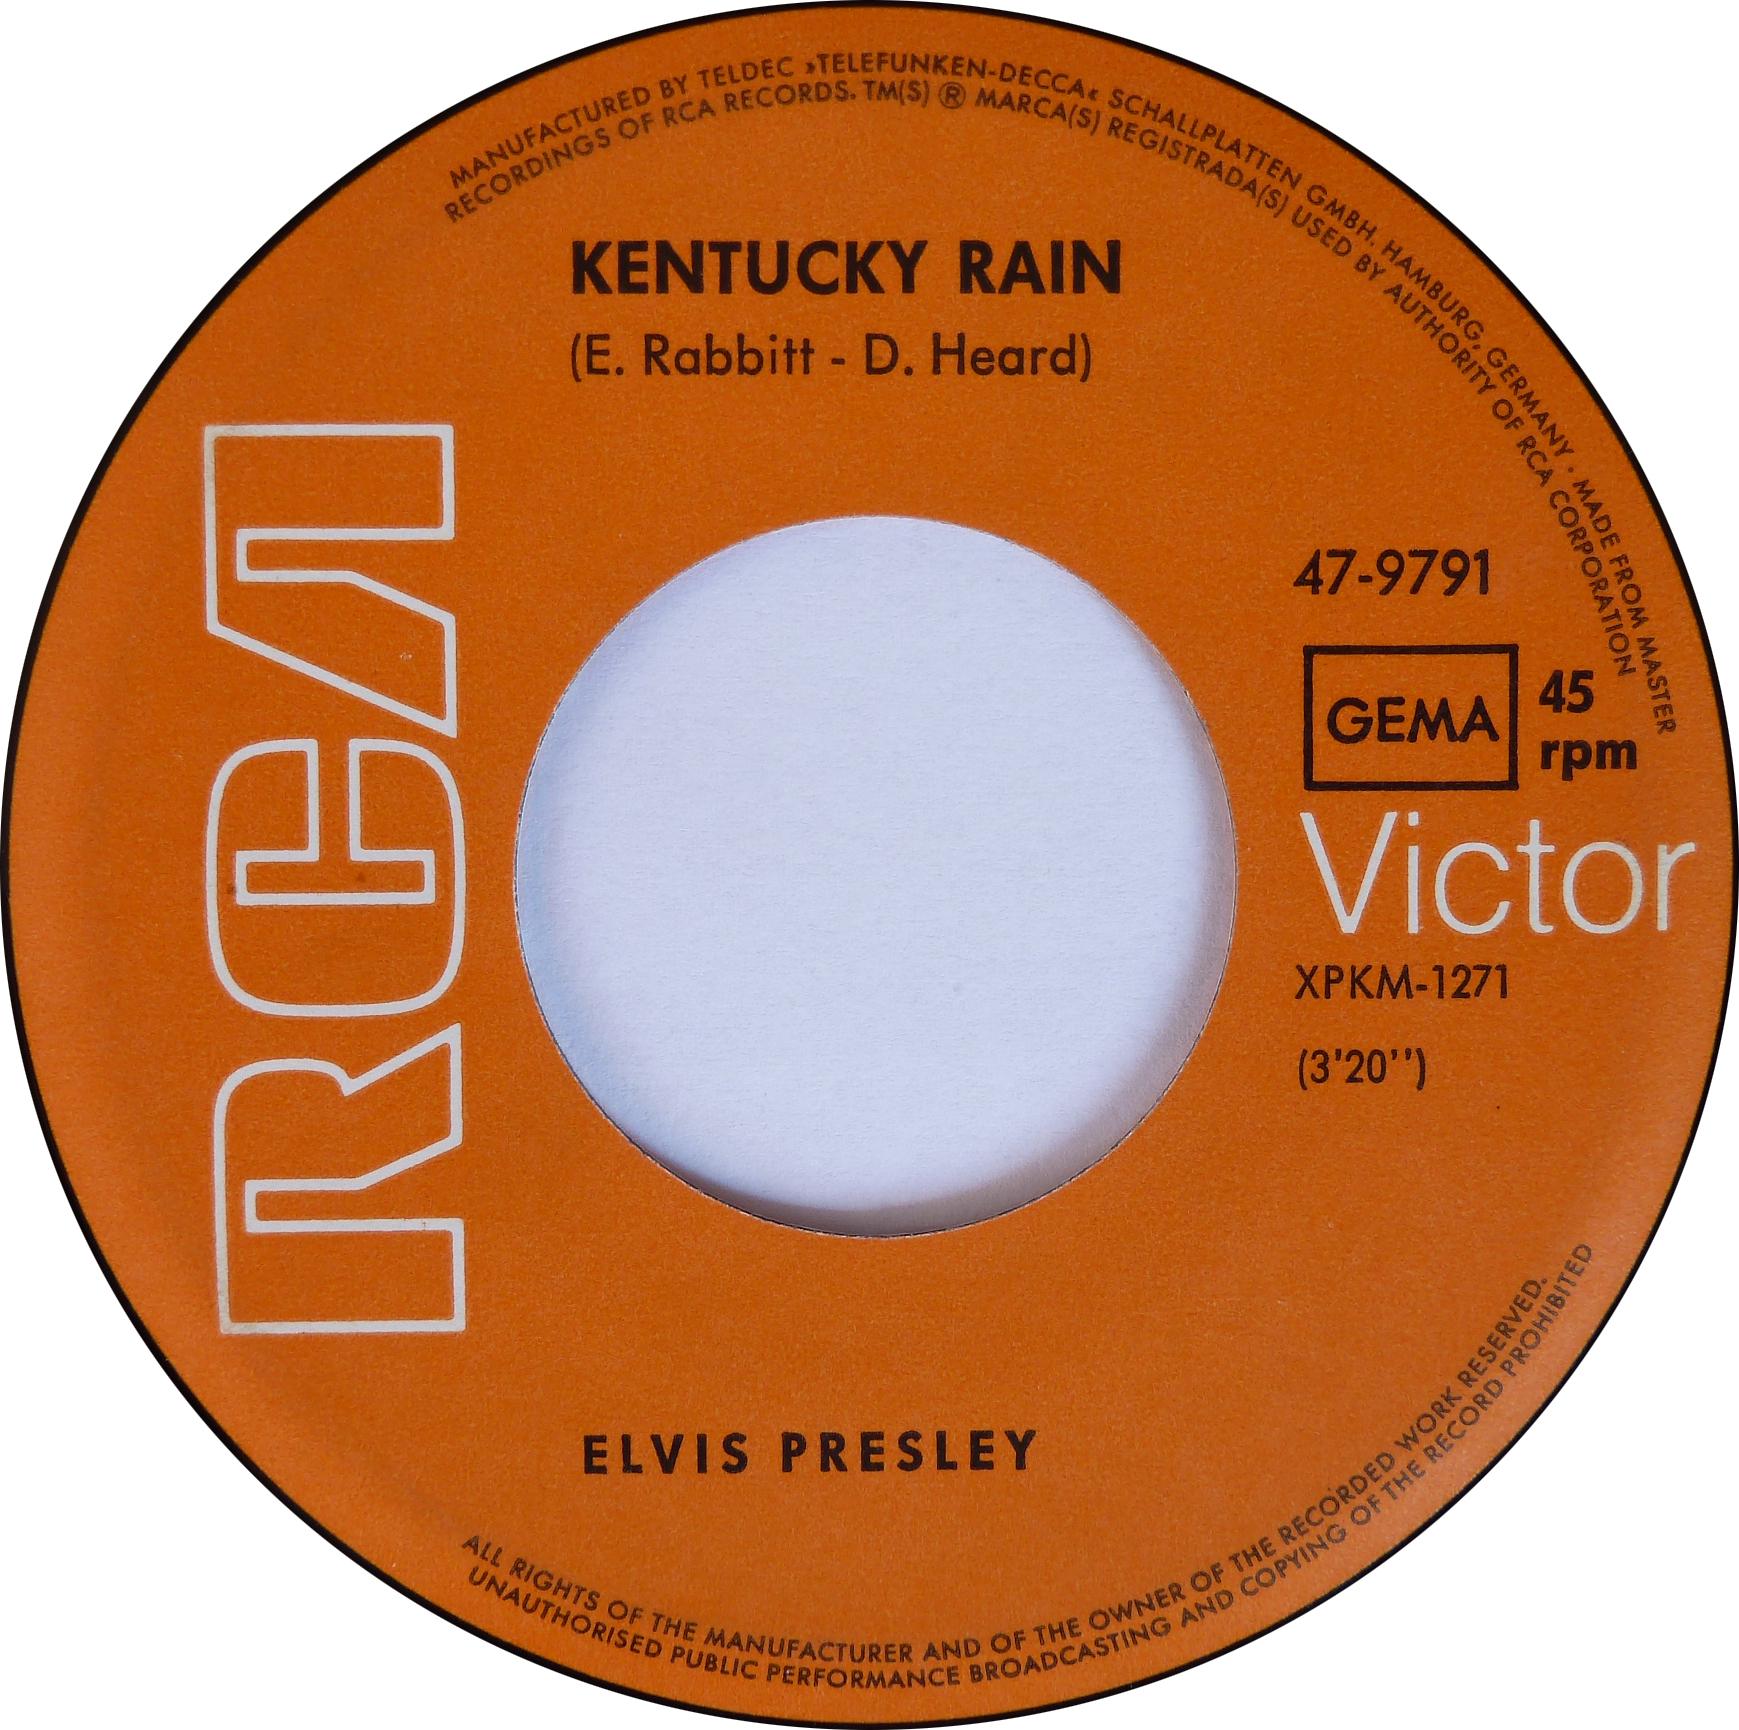 Kentucky Rain / My Little Friend Kentuckyraino2side1mxbqt